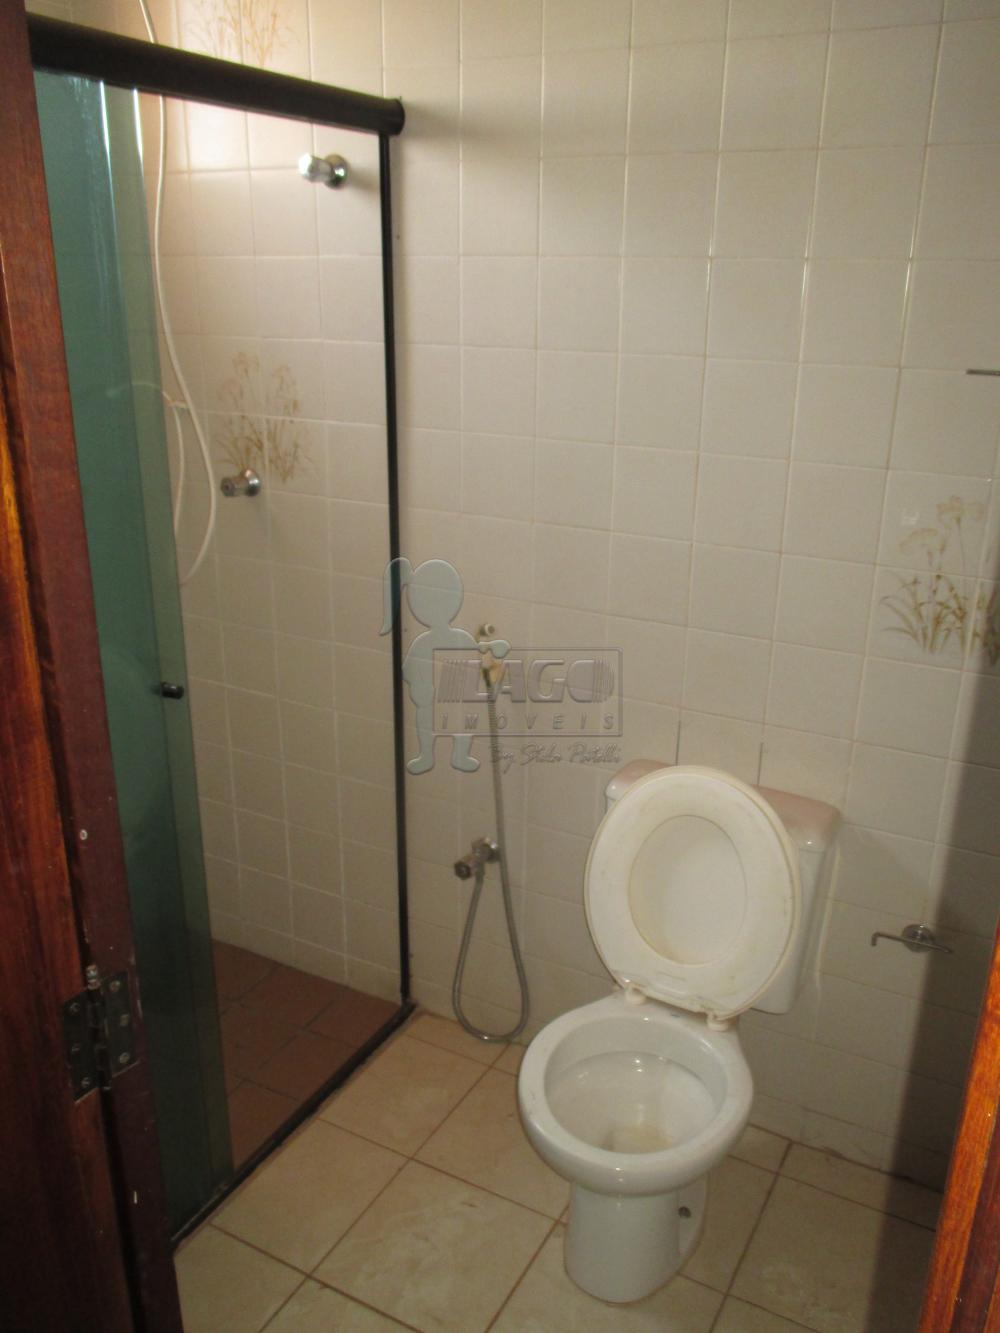 Comprar Apartamento / Padrão em Ribeirão Preto apenas R$ 371.000,00 - Foto 15